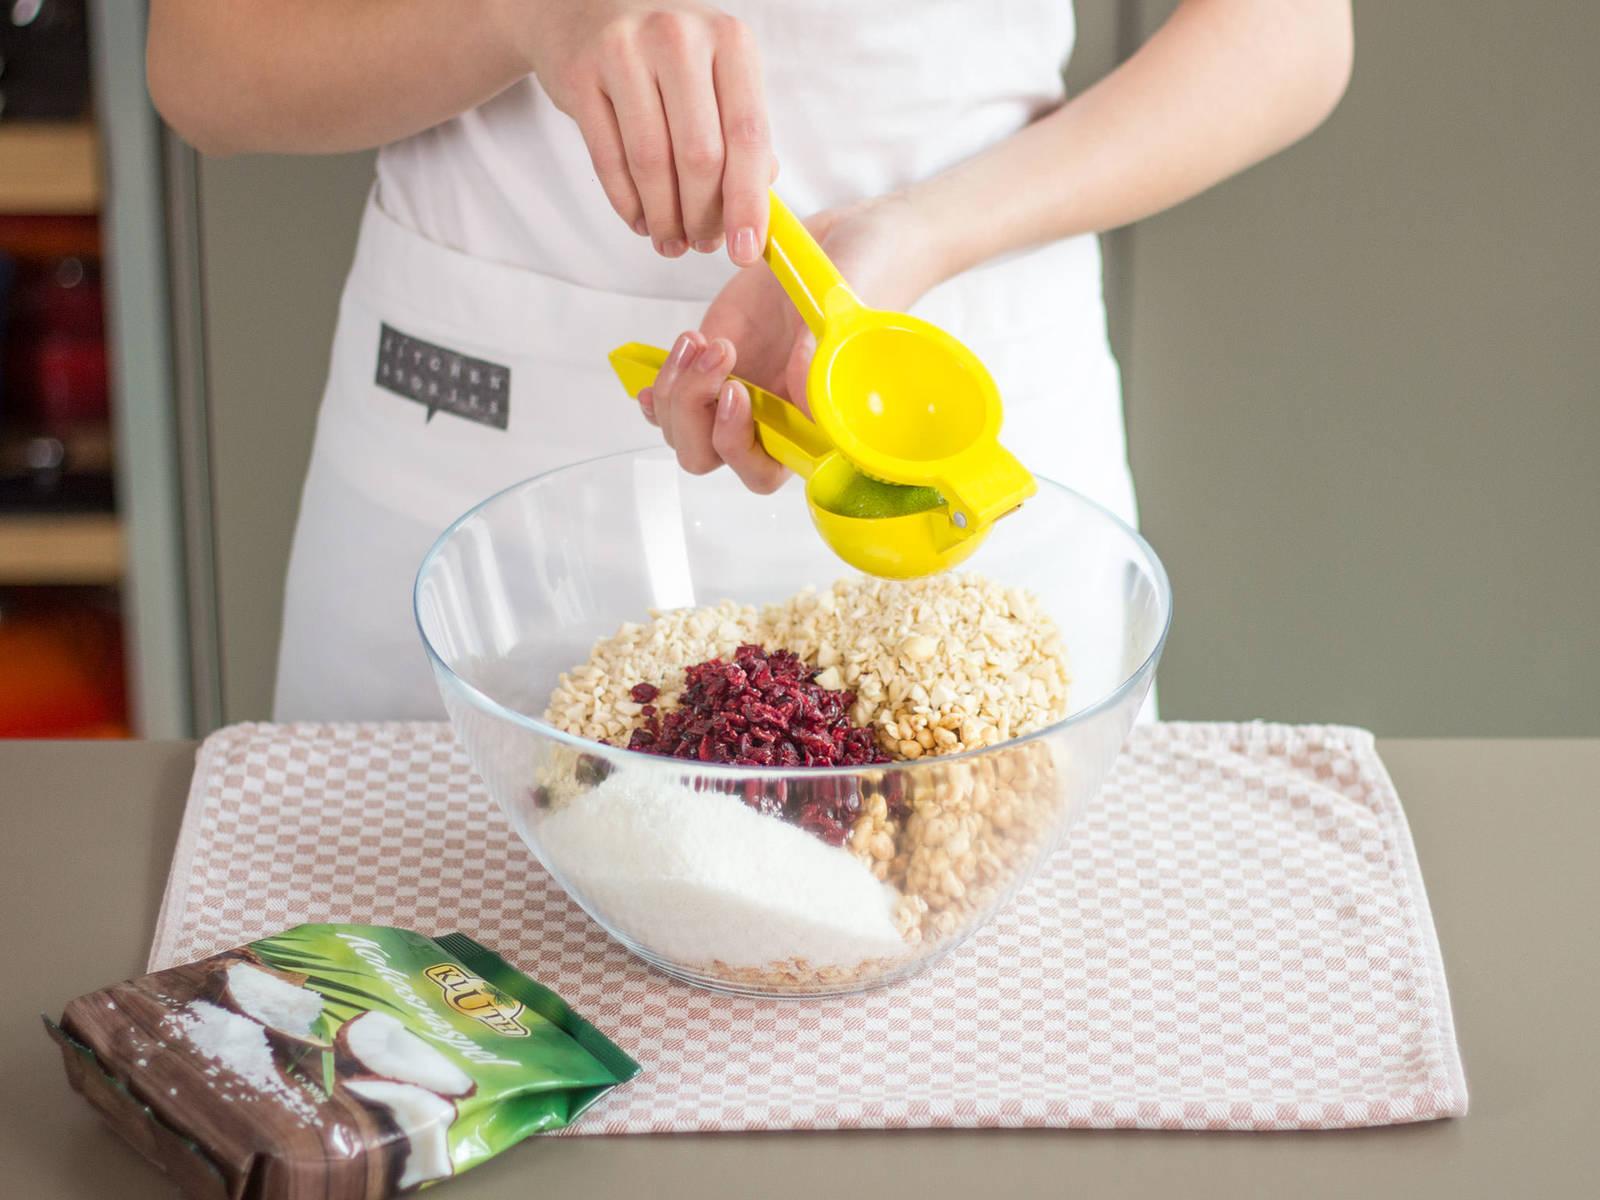 在大碗中混合蔓越橘干、杏仁、花生、干椰子片、麦片、膨化小麦和青柠汁。